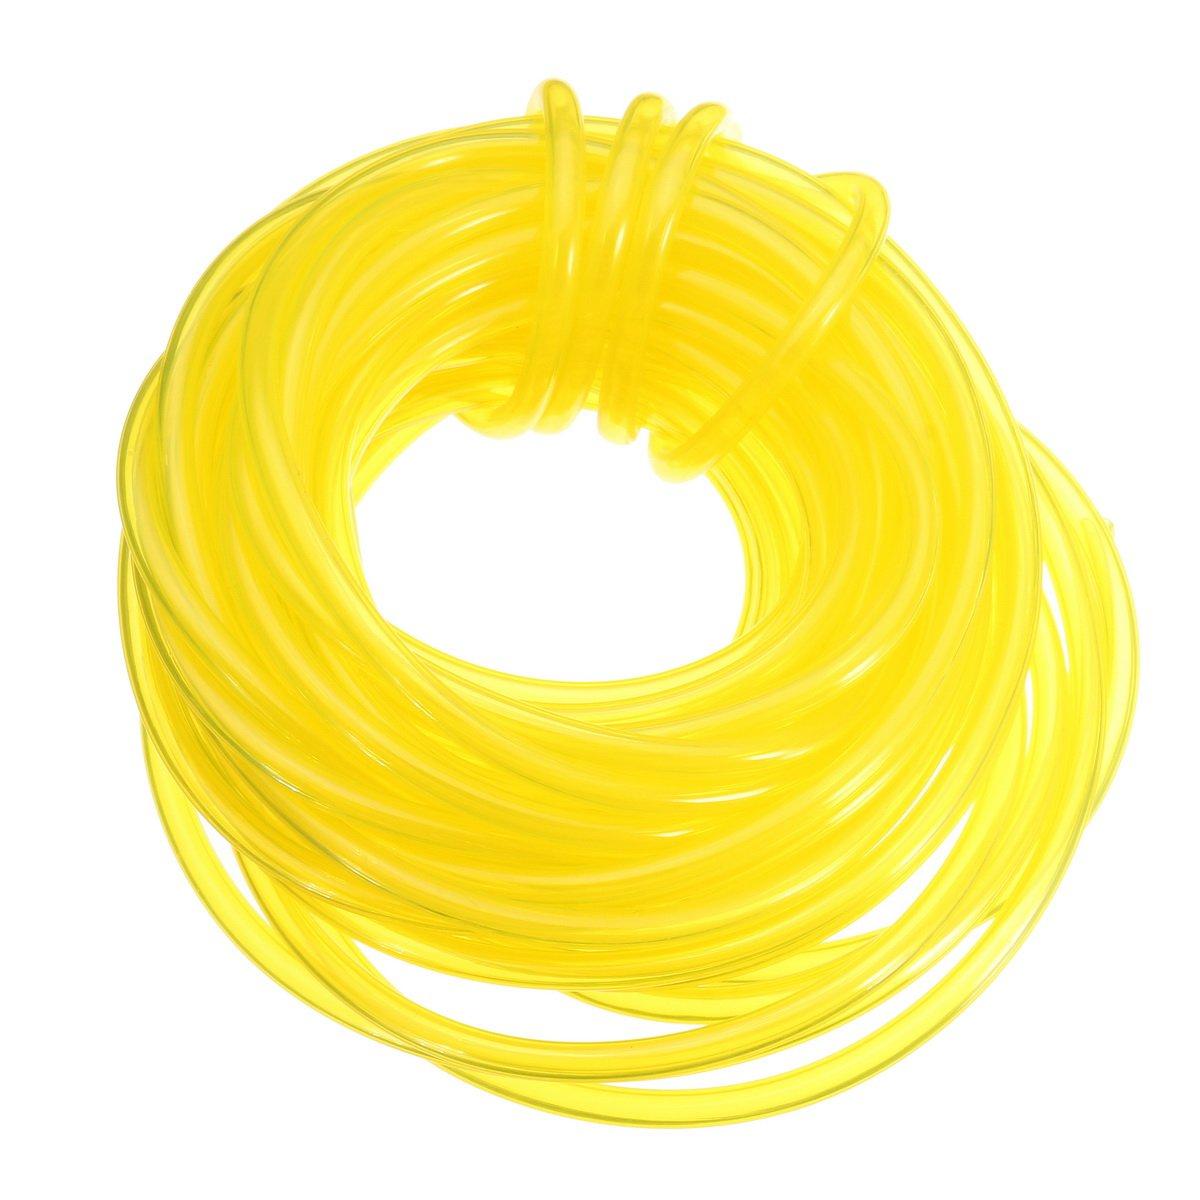 3 mm x 5 mm, 10 m, di/ámetro interno de 1//8 pulgadas Manguera para tuber/ía de combustible de gasolina Hitommy